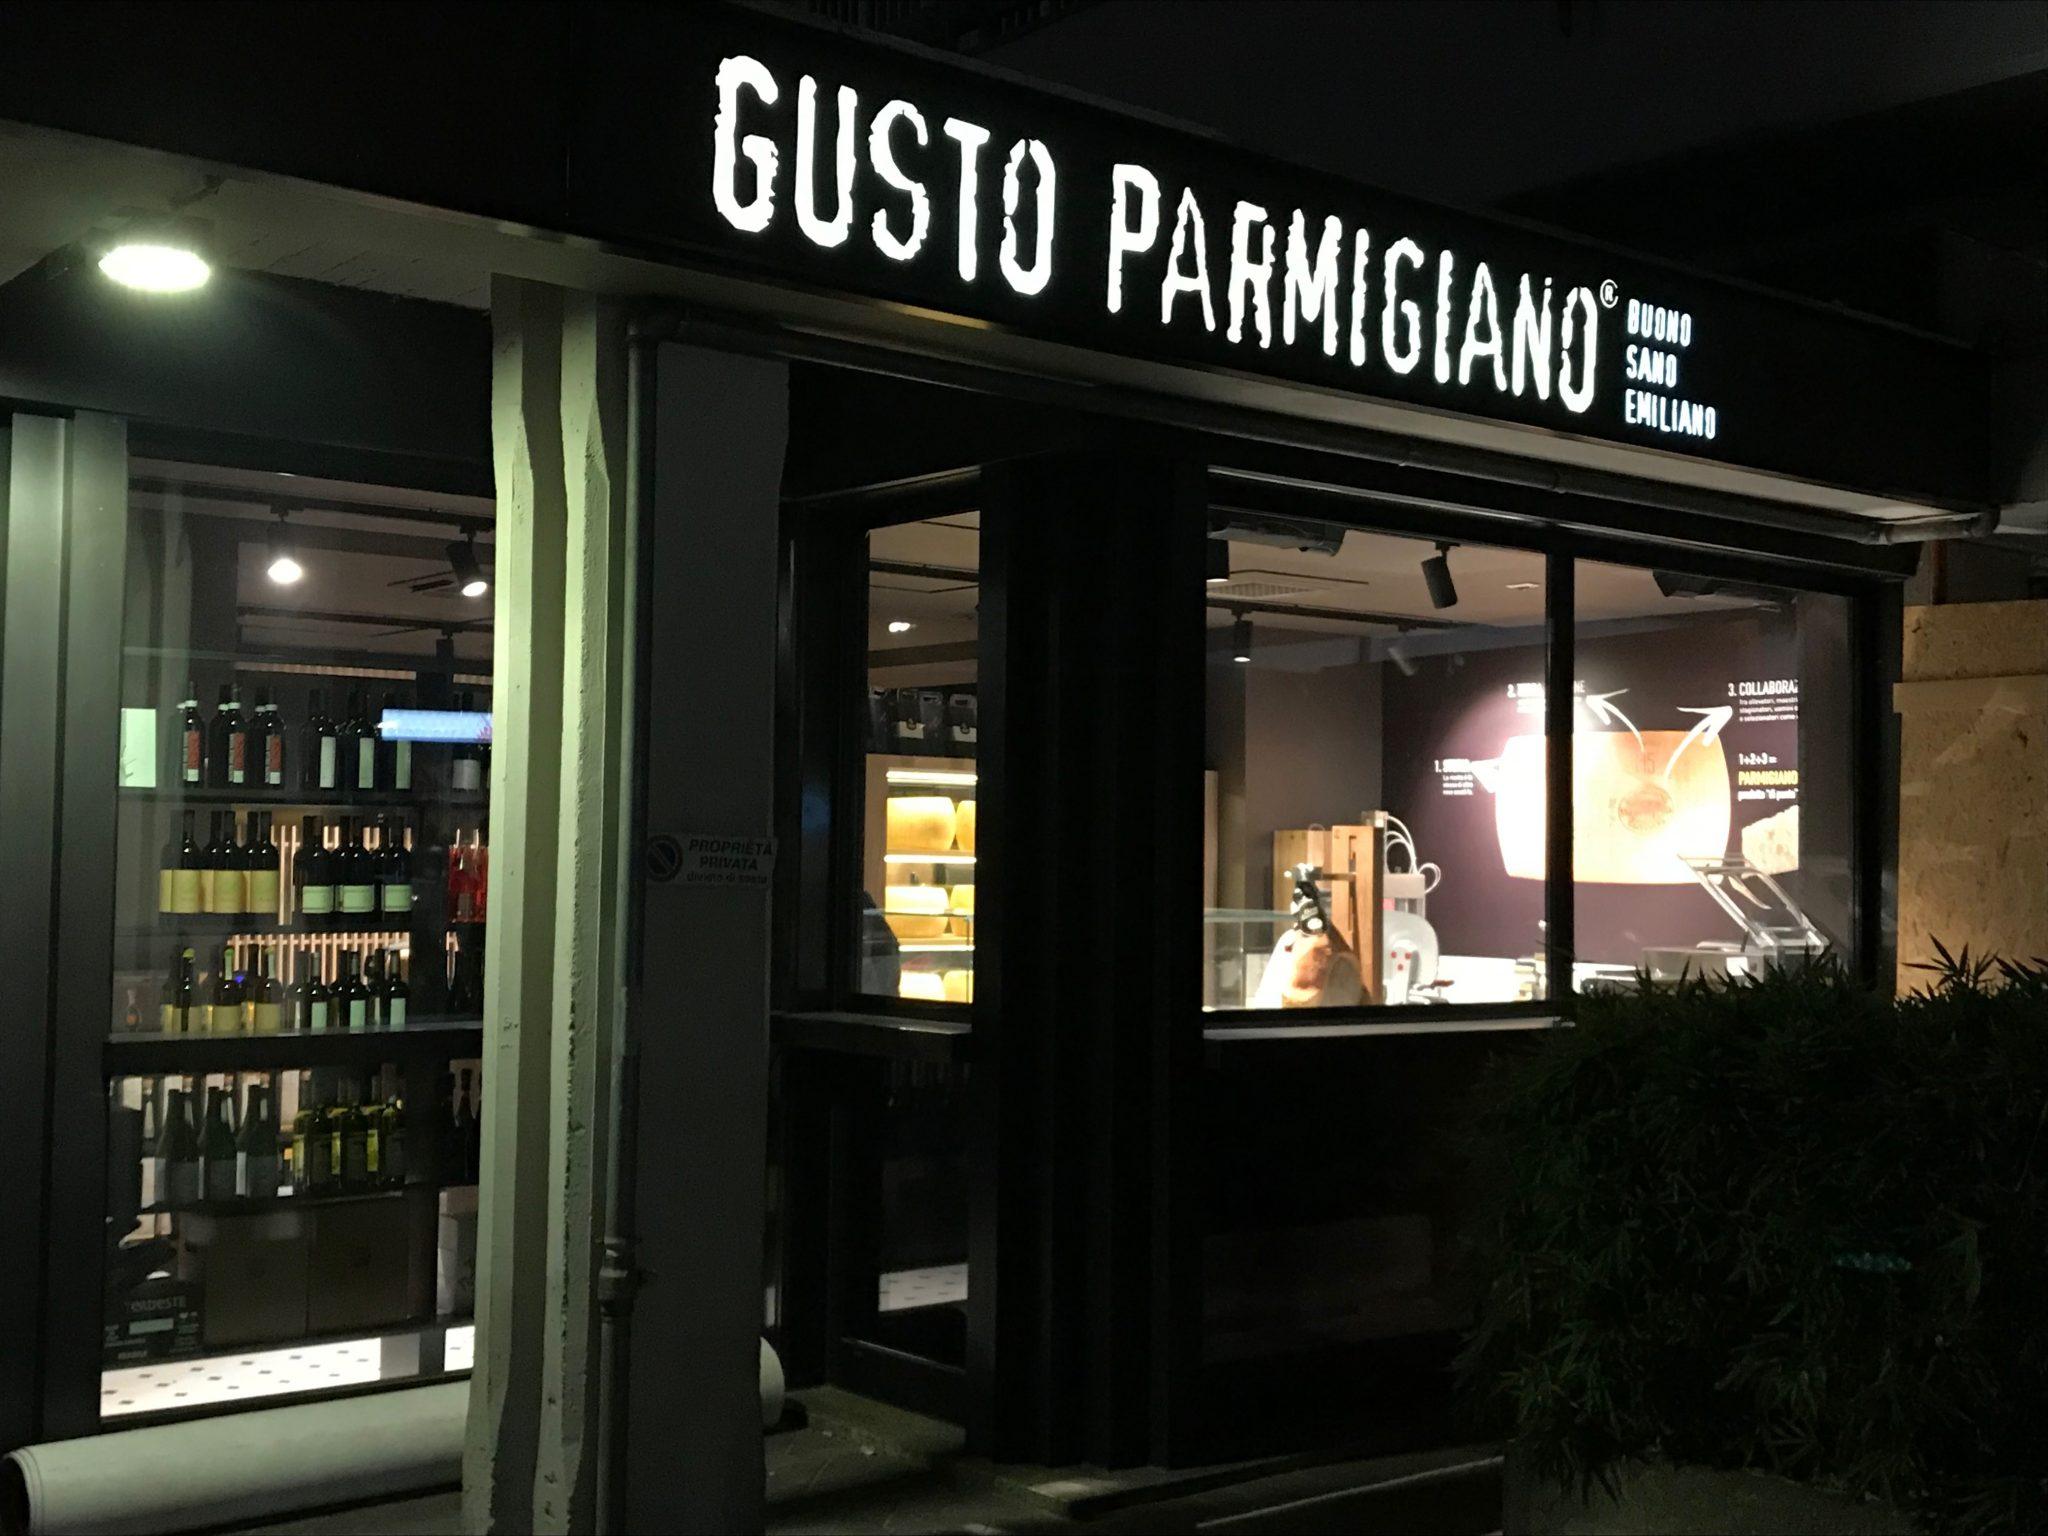 Gusto Parmigiano, il sapore inconfondibile  dell'Emilia